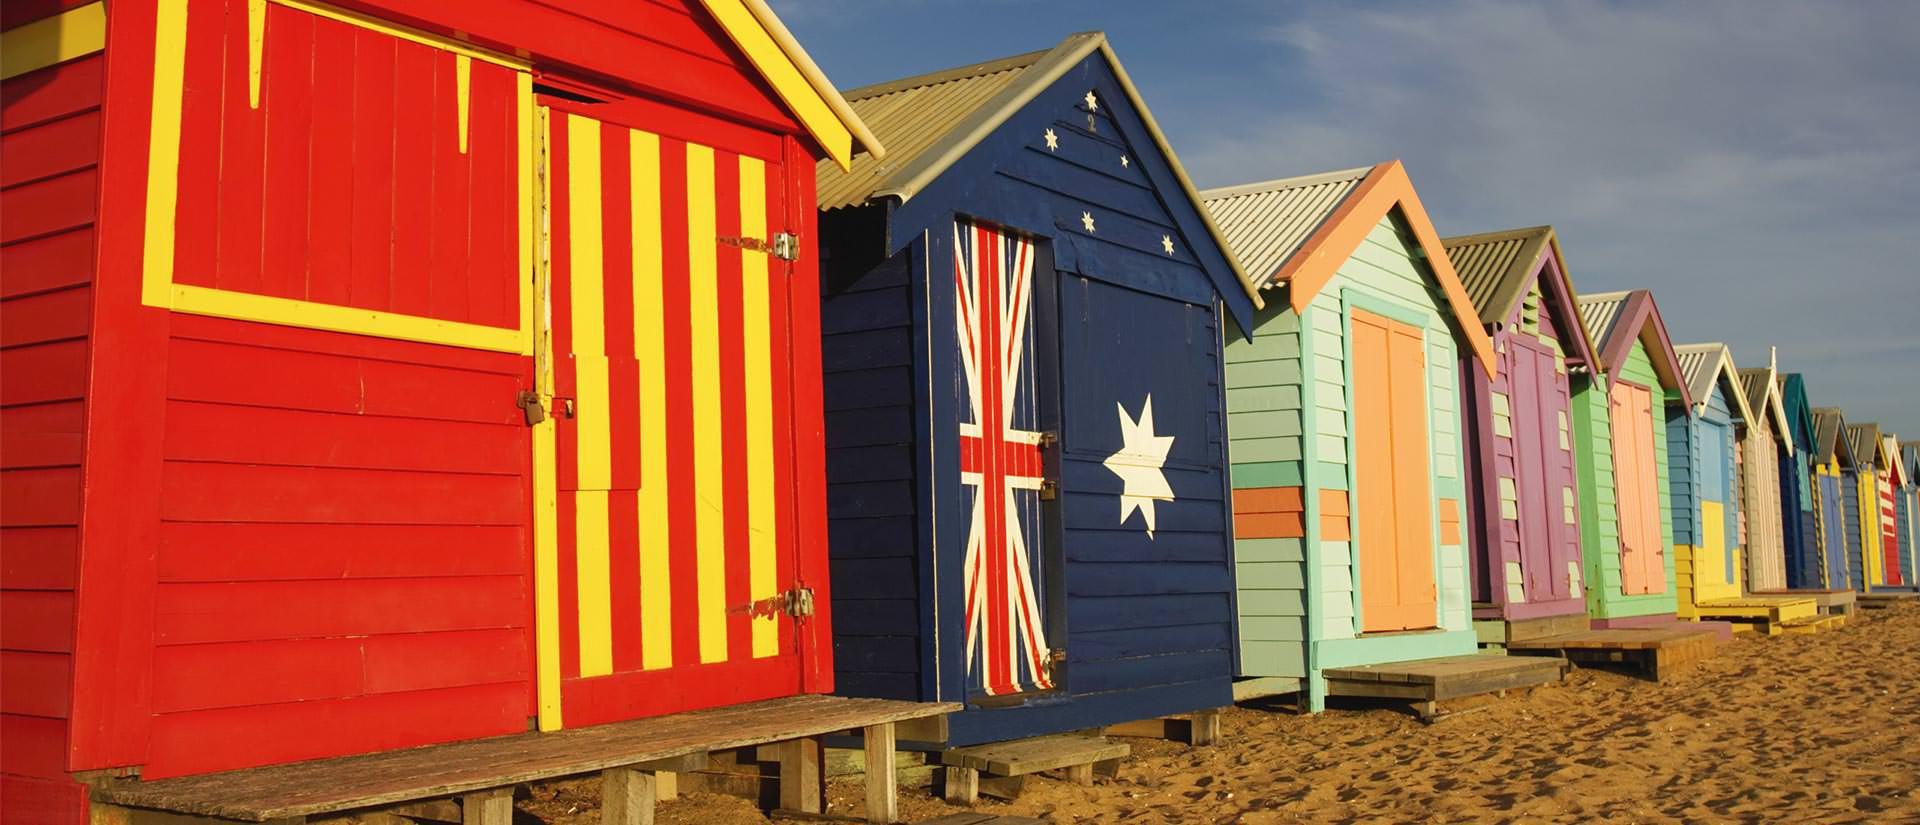 טיולים מאורגנים לאוסטרליה